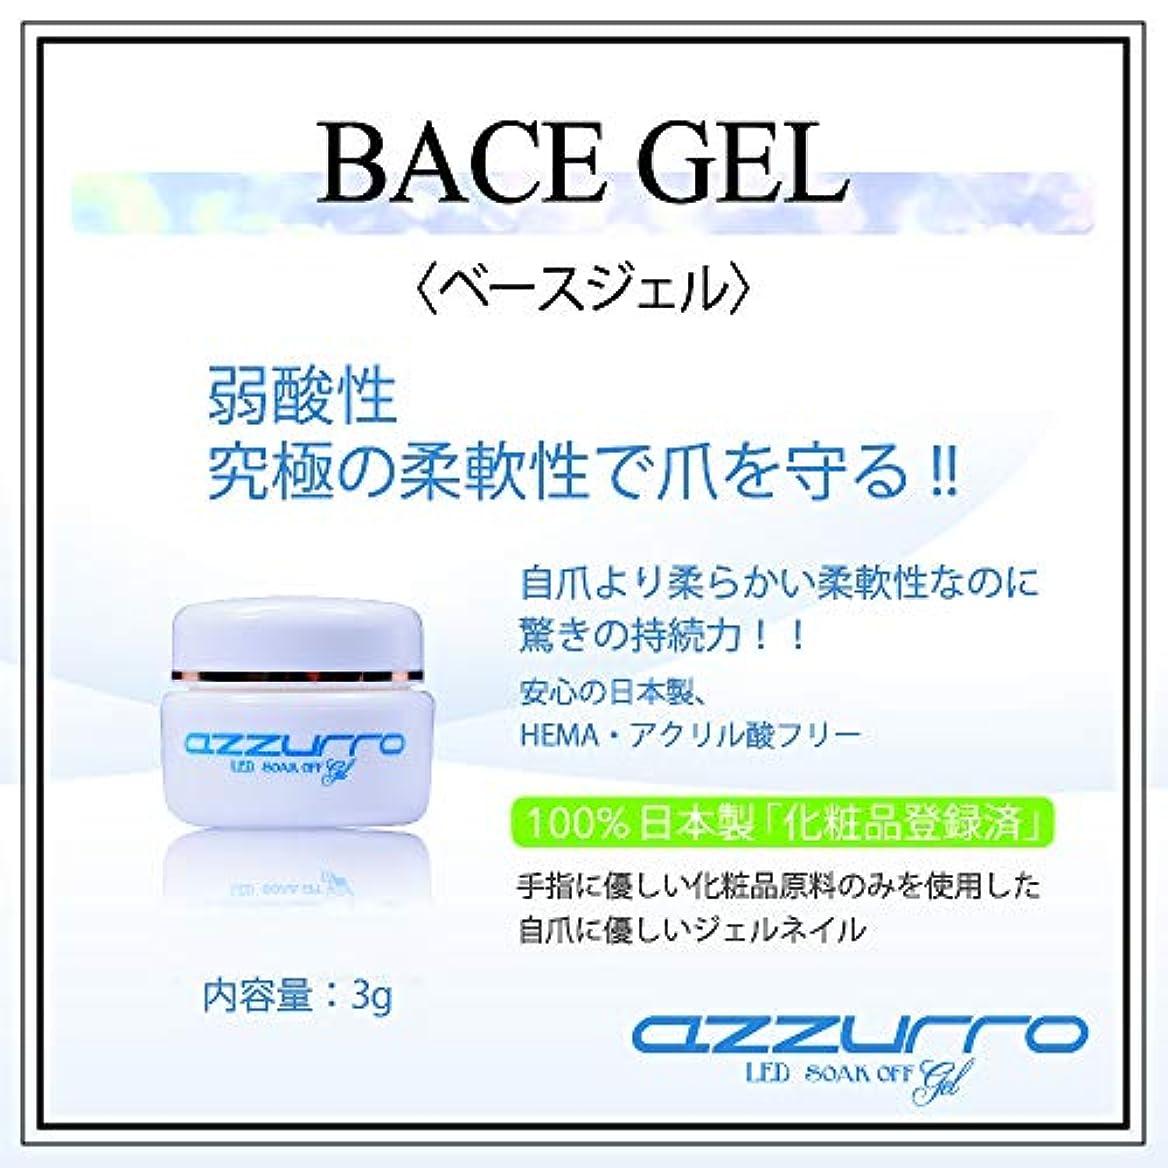 建築メンテナンス持つazzurro gel アッズーロ ベースジェル 日本製 驚きの密着力 リムーバーでオフも簡単3g